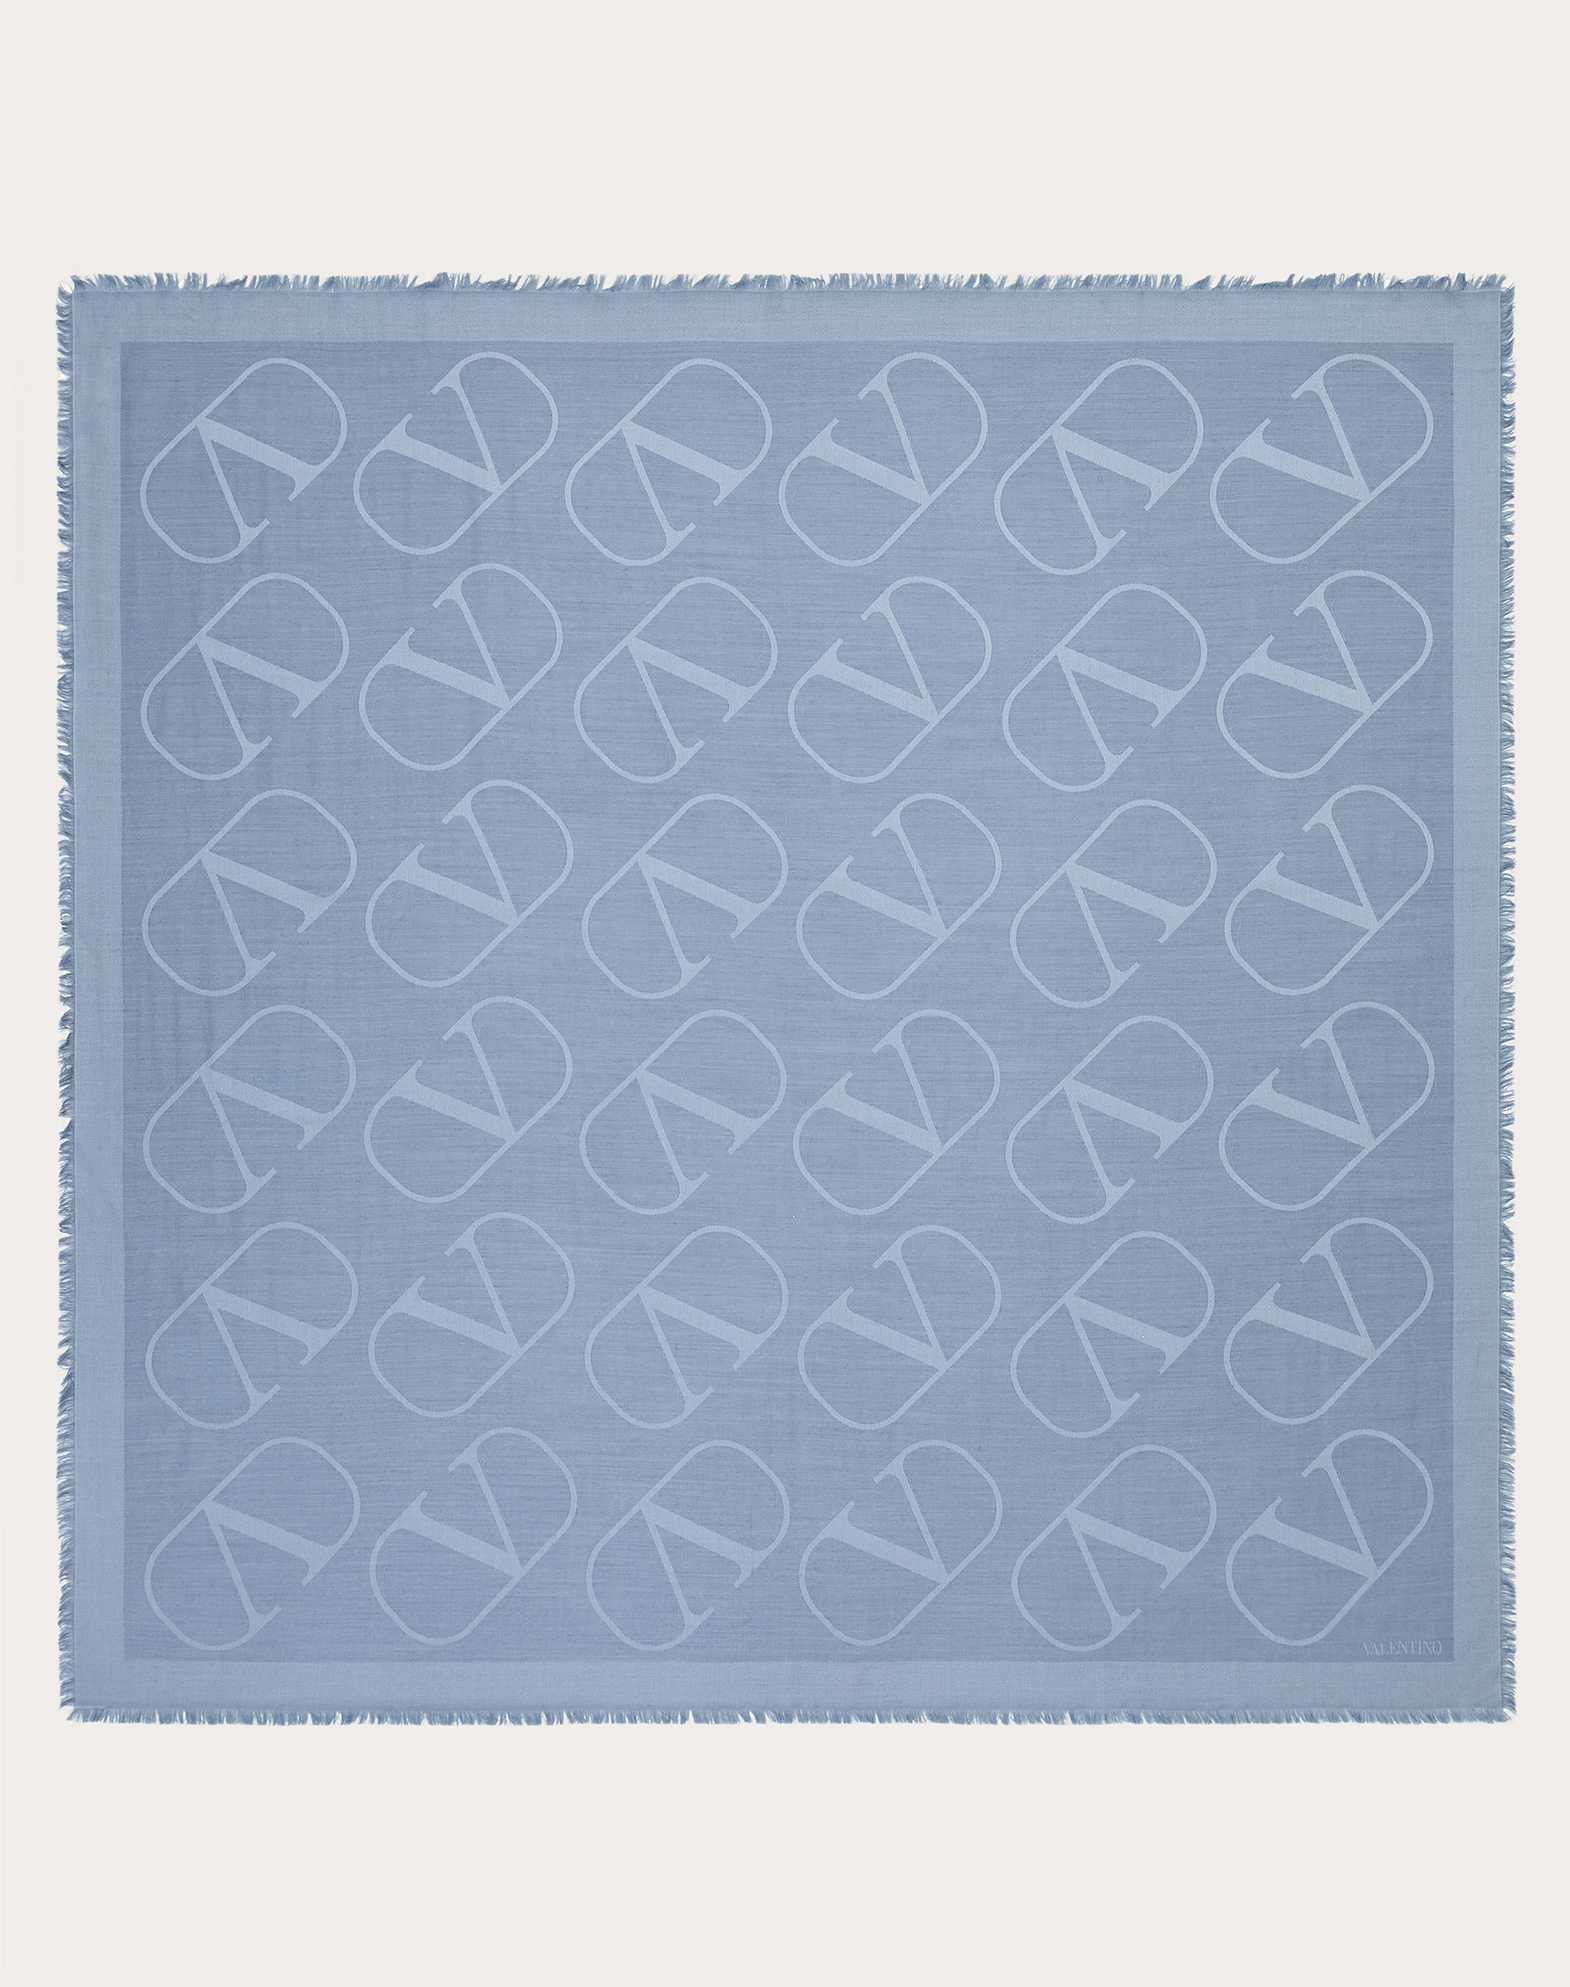 Tuch VLOGO aus Seide/Wolle, 140 x 140 cm